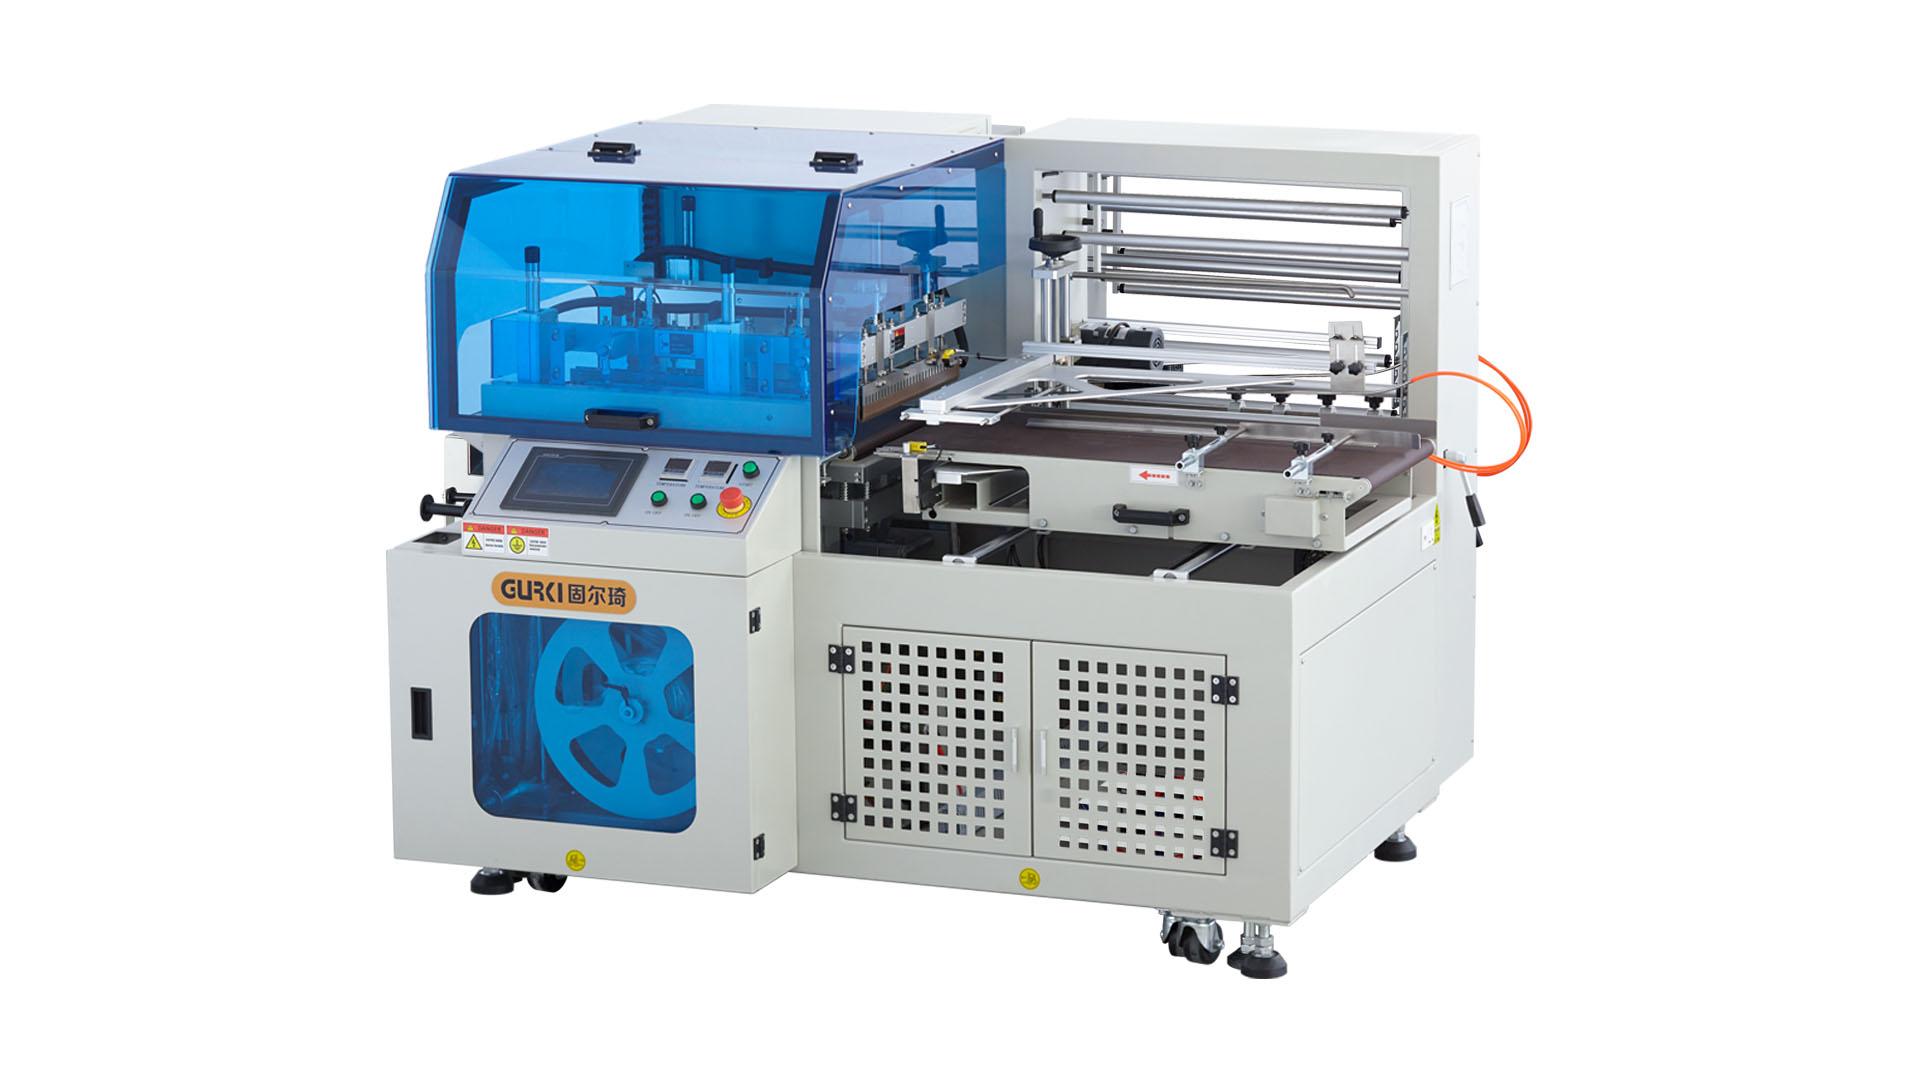 购买热收缩膜包装机之前需了解哪些内容呢